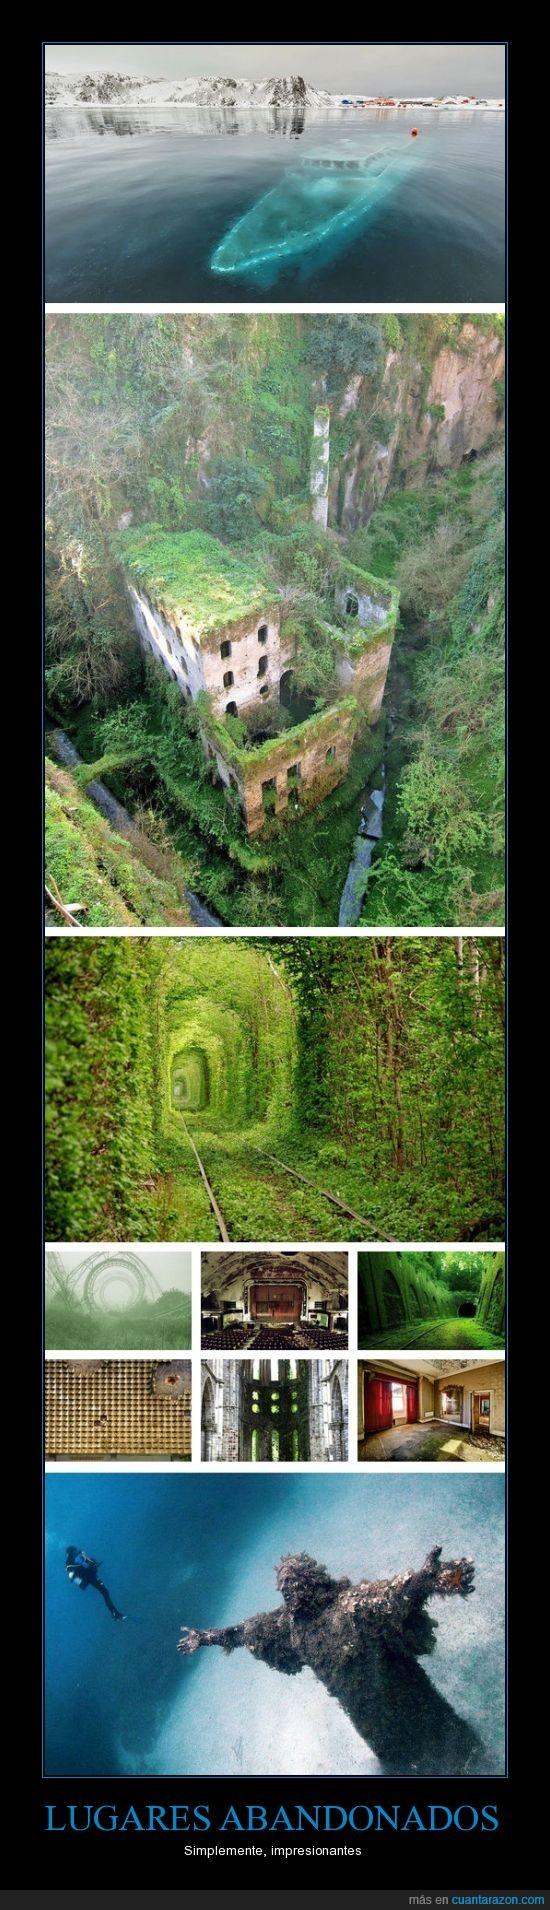 abandonados,increíbles,lugares,sitios